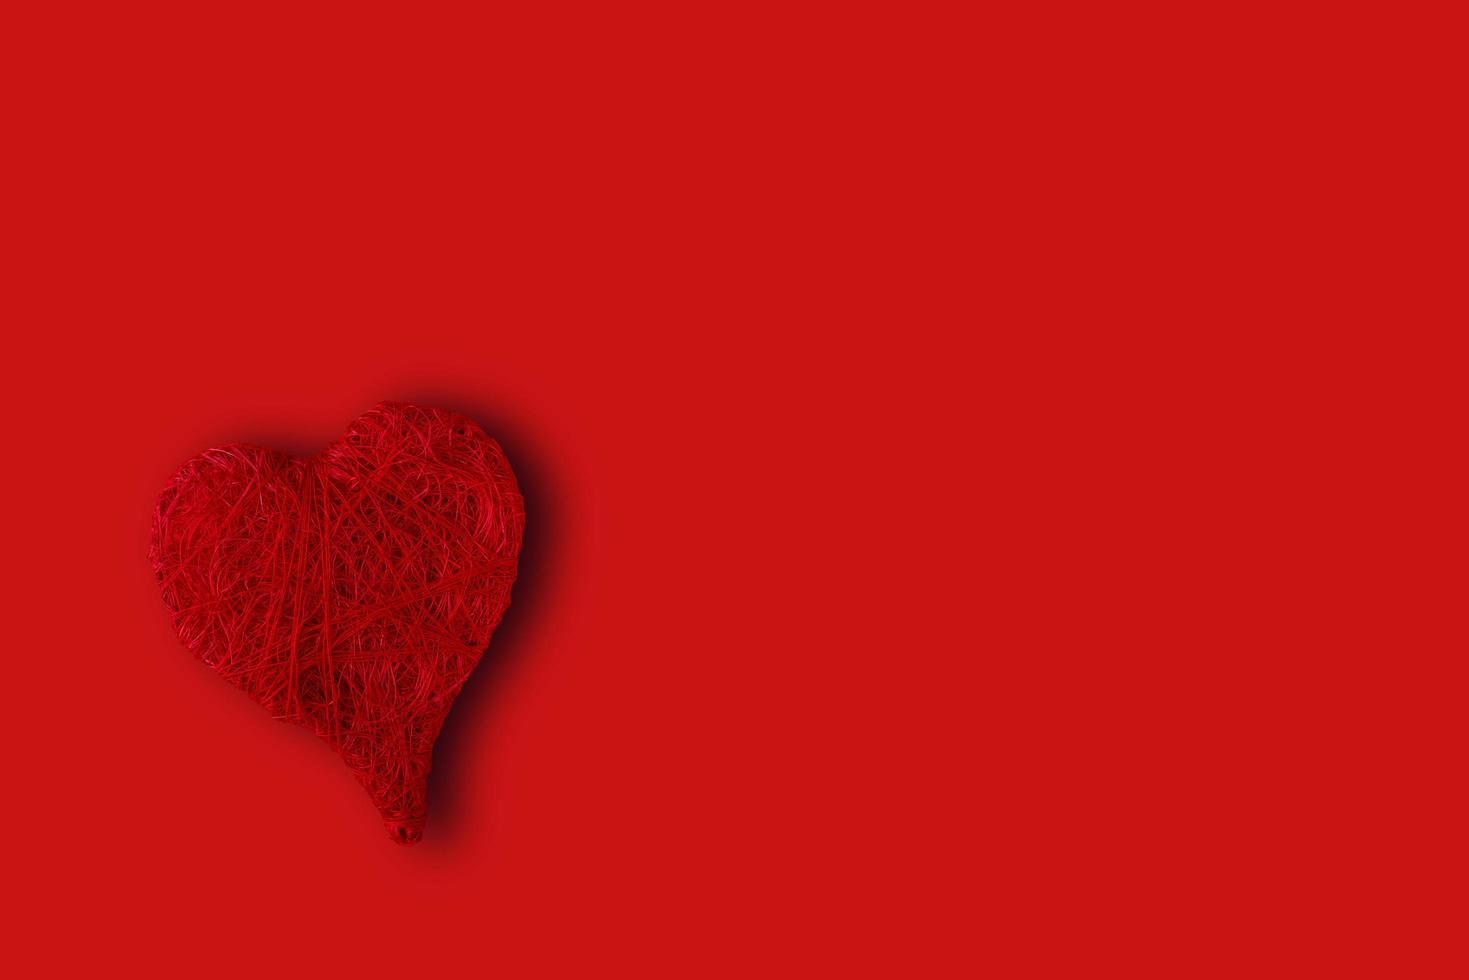 corazón rojo en la esquina inferior izquierda sobre un fondo rojo. concepto de st. día de San Valentín foto